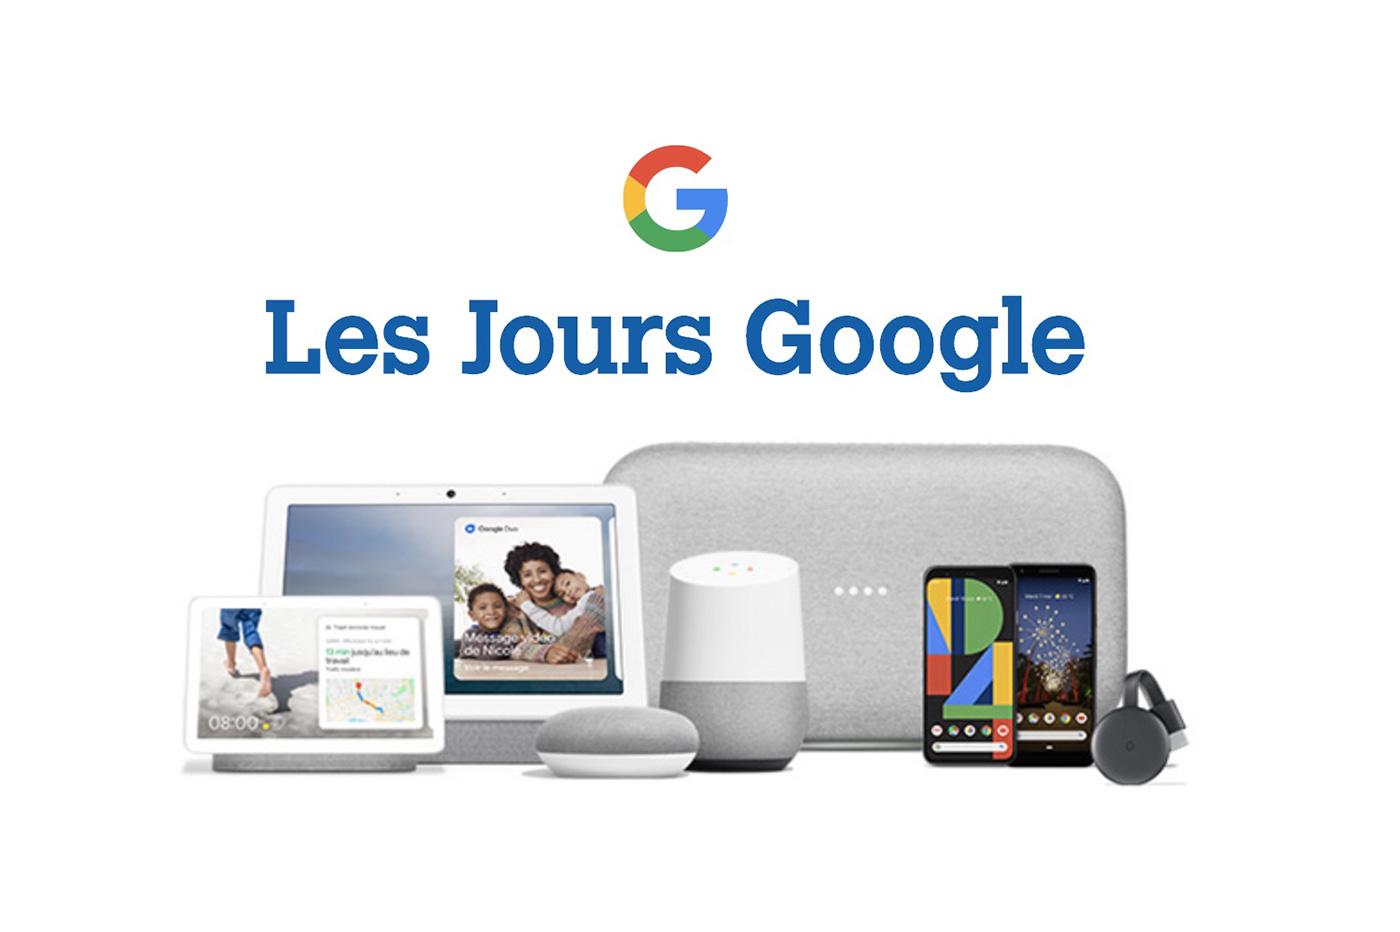 Les Jours Google Darty